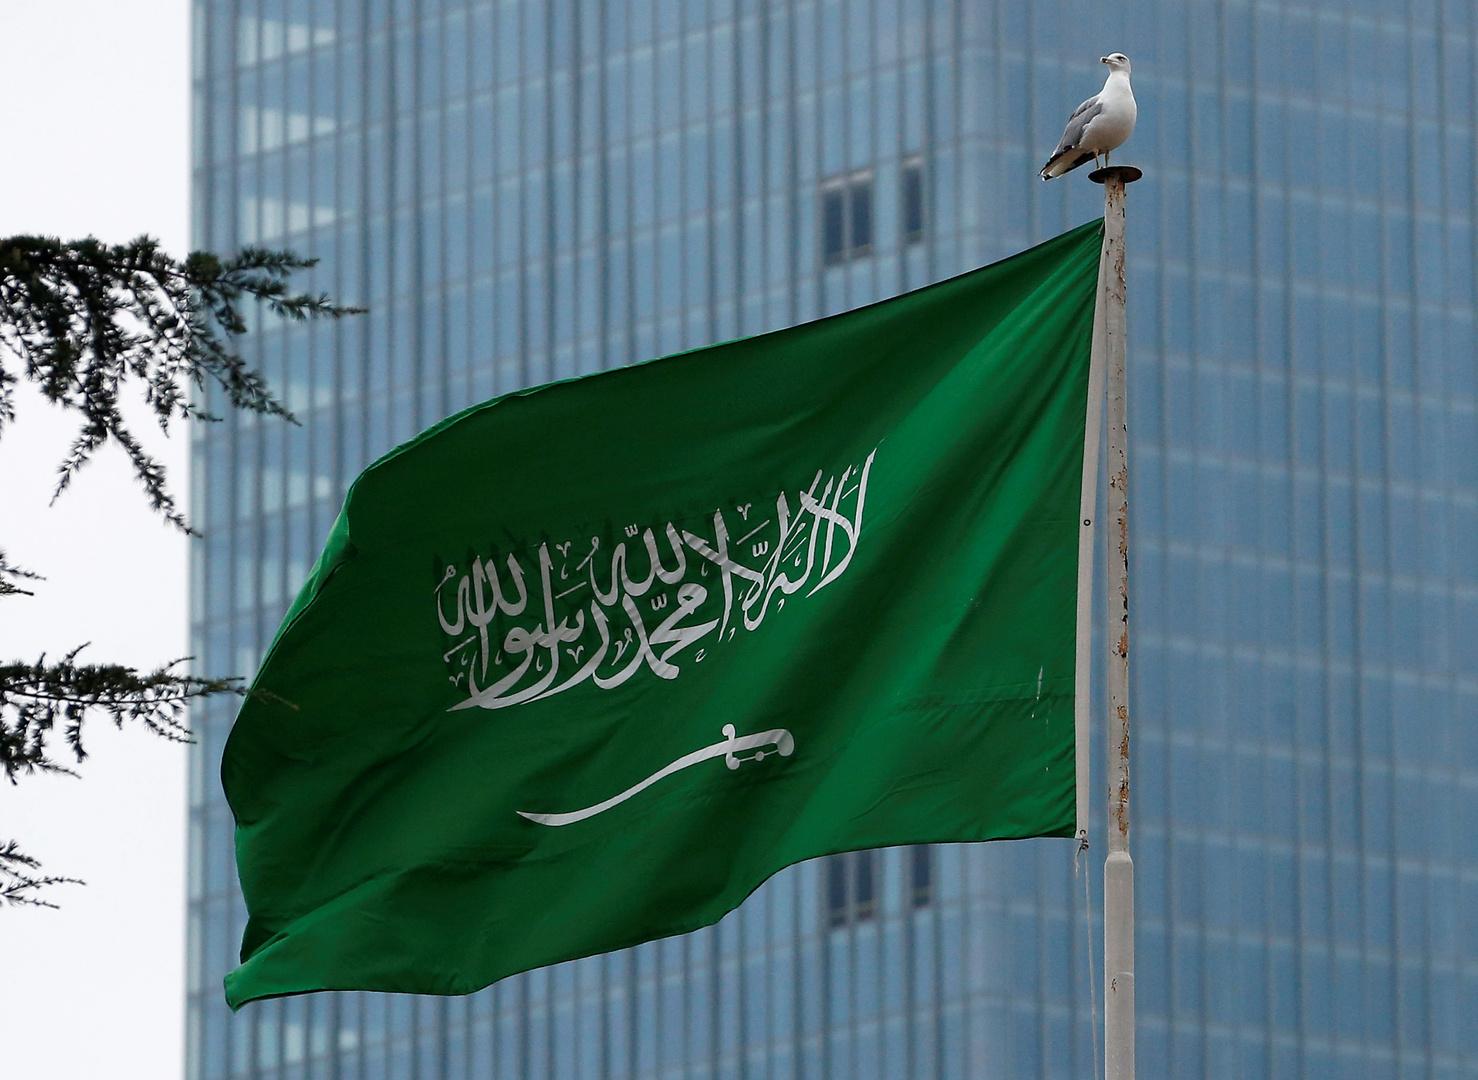 السعودية تعلن وفاة الأمير سعود بن عبد الله بن فيصل آل سعود